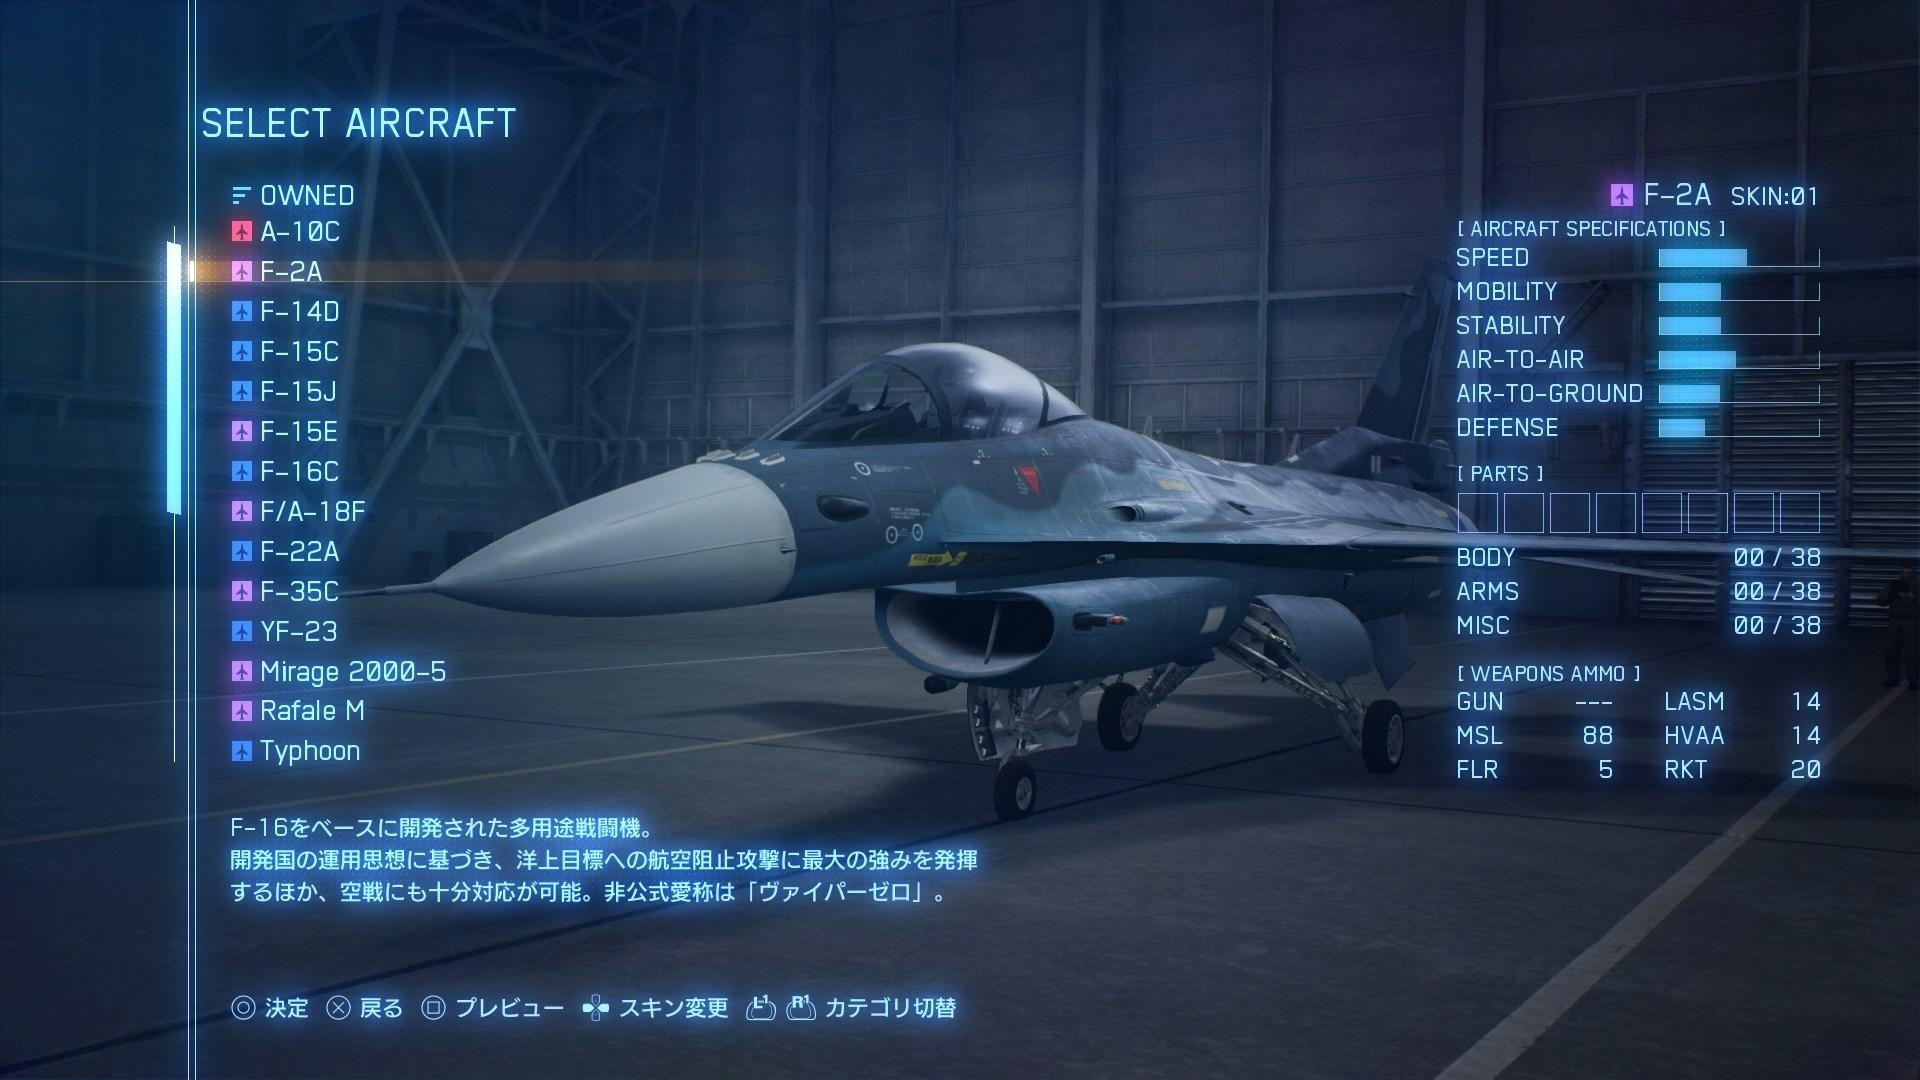 AIRCRAFT TREEではMRPを消費して様々な機体を入手することができる。入手した機体はハンガーで確認でき、ミッションで使用可能になる